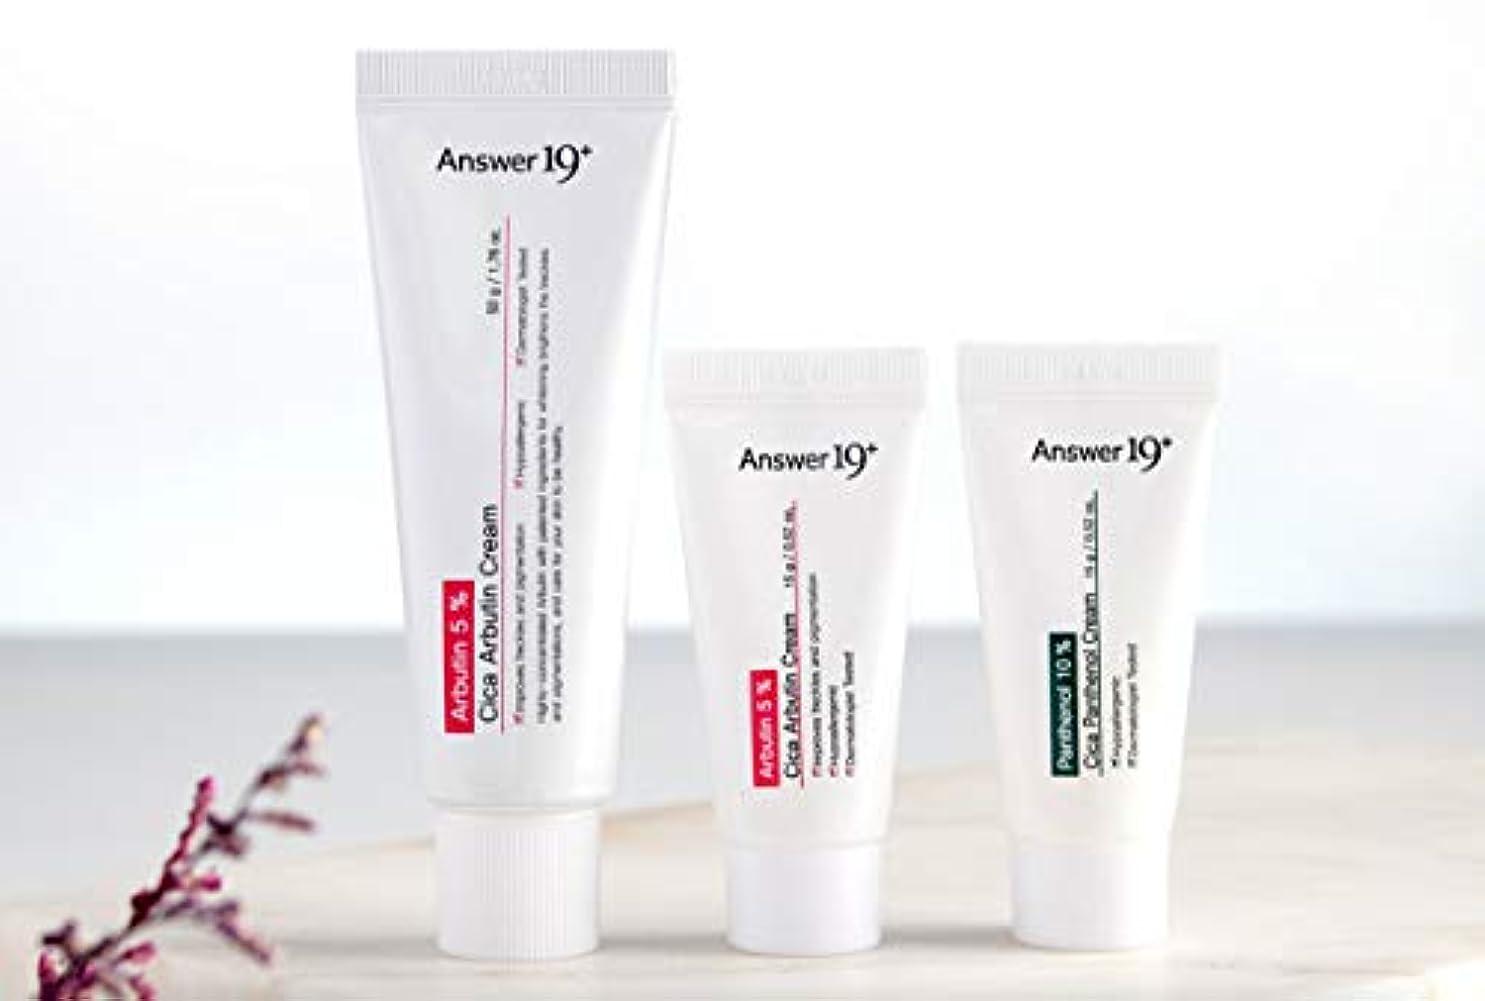 さわやか質素なミシンCICAアルブチンクリームセット(50g + 15g + 15g) - アルブチン5%、保湿